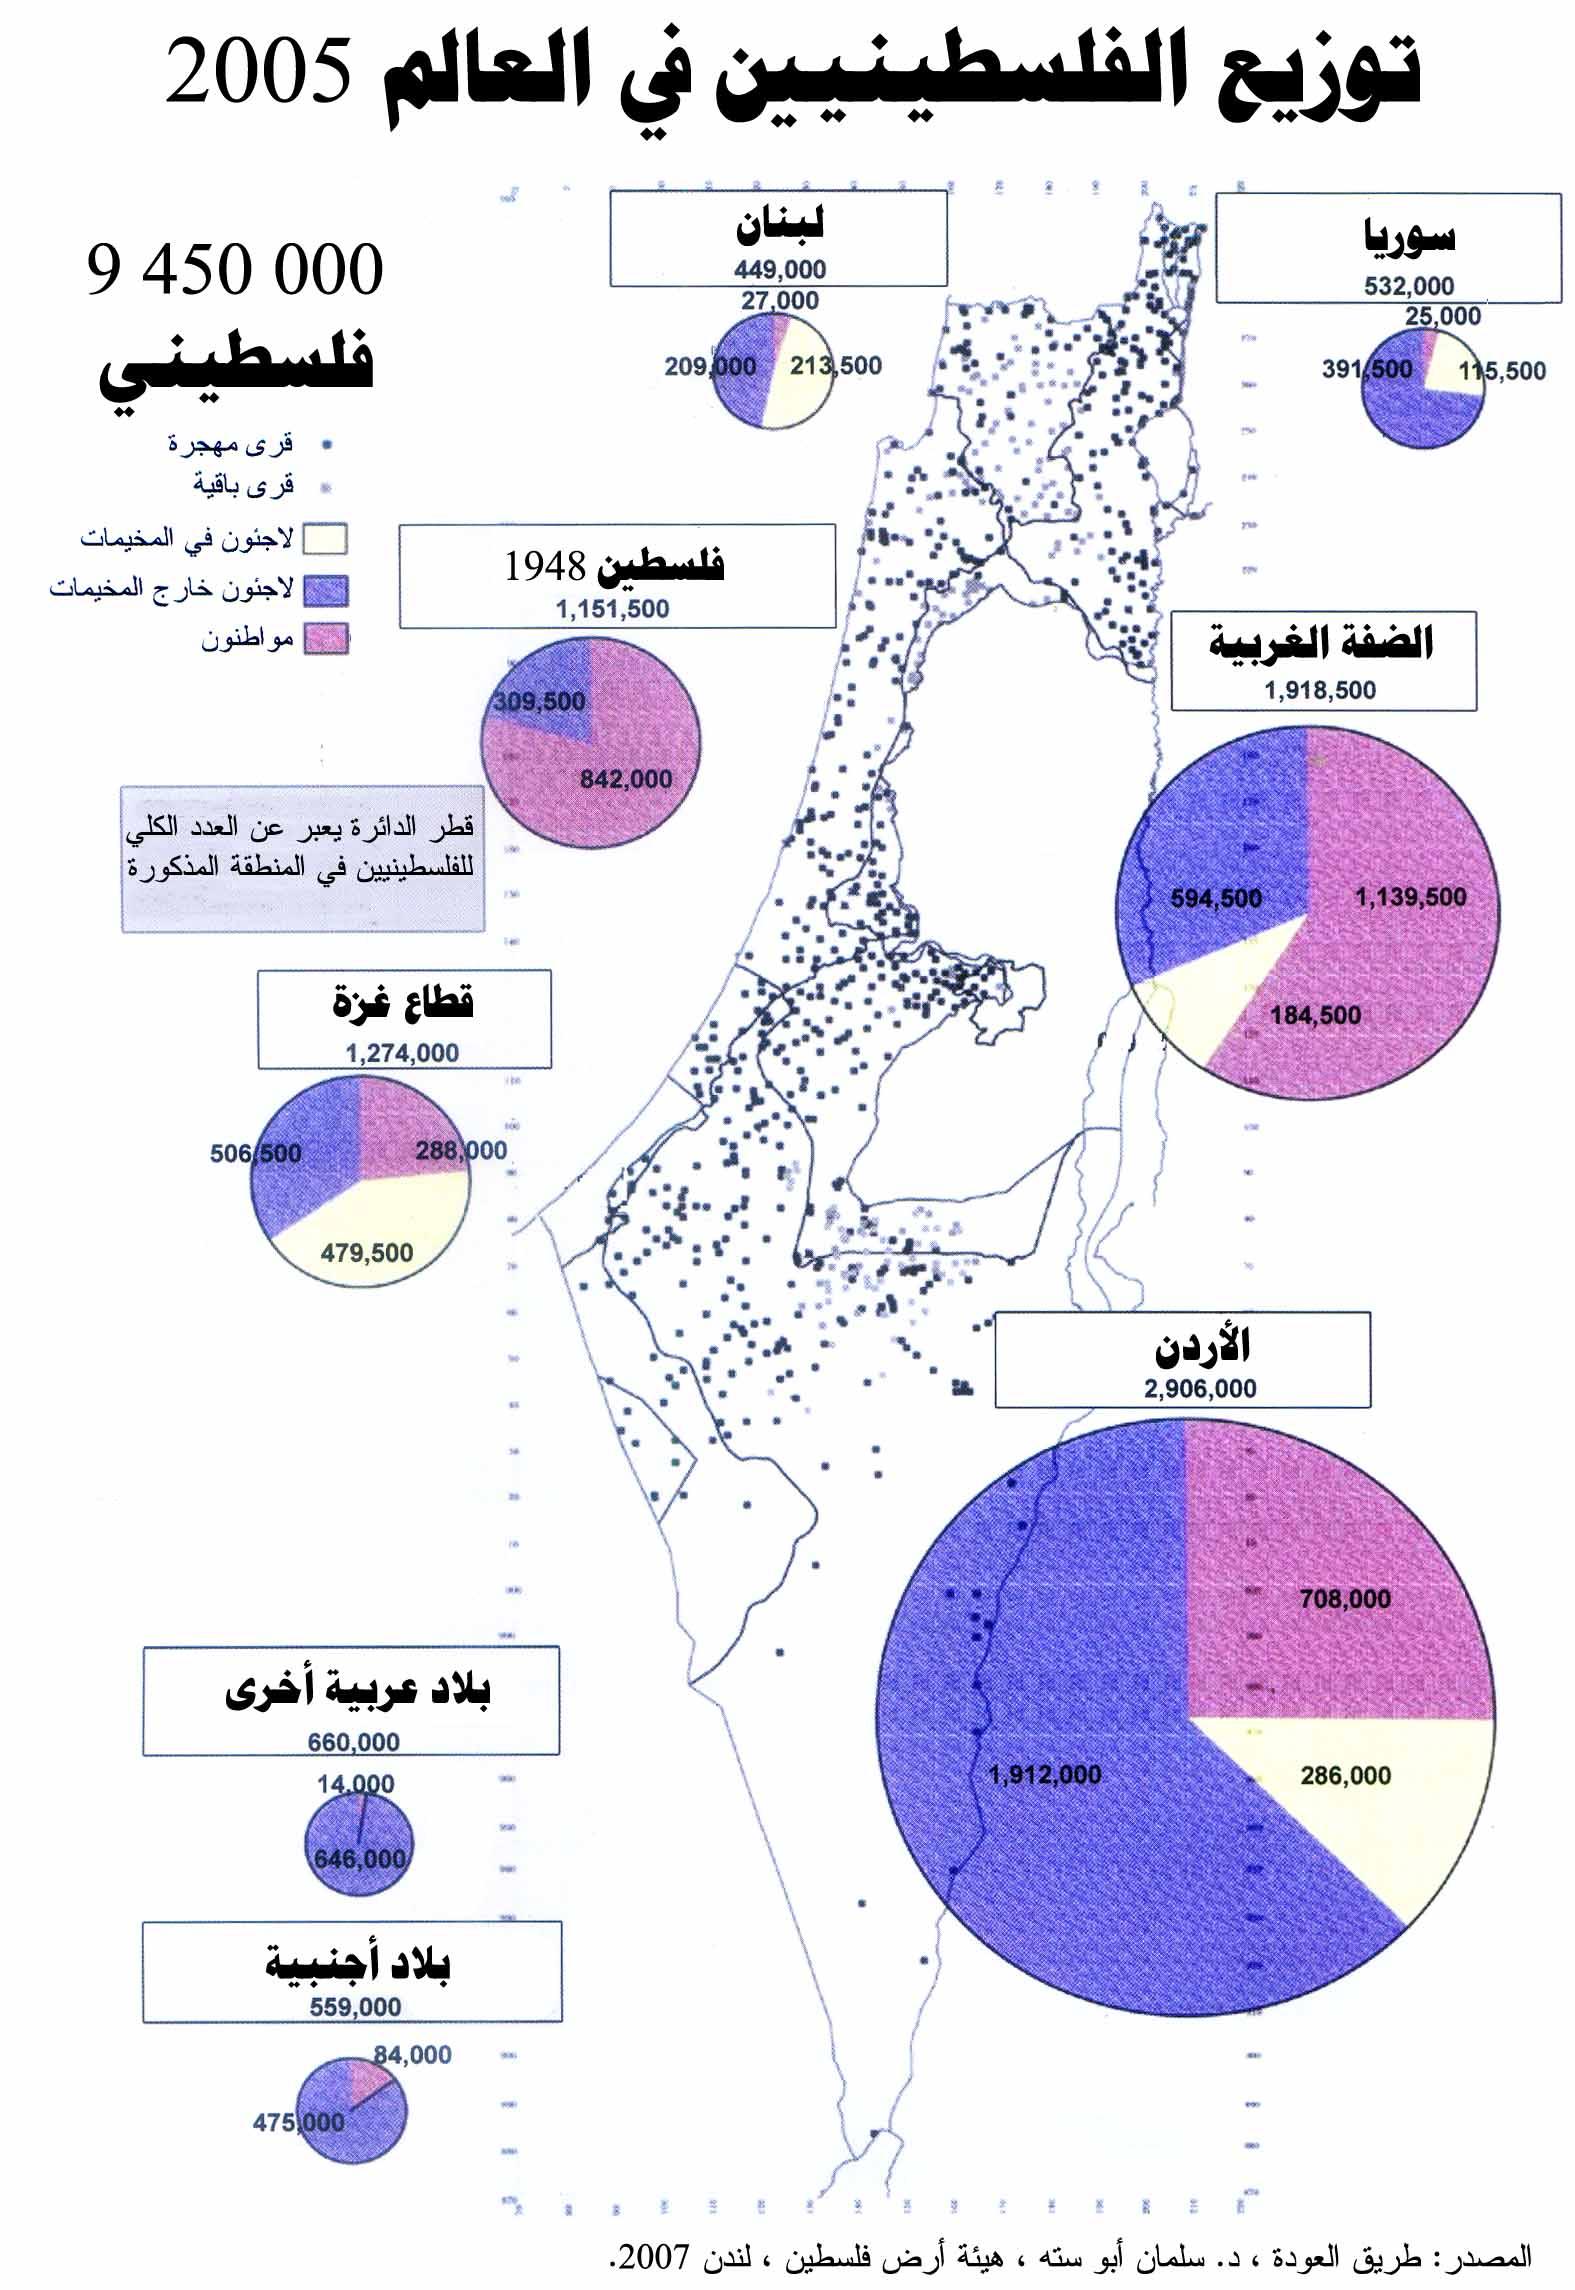 الفلسطينون حول العالم - إحصائية 2005